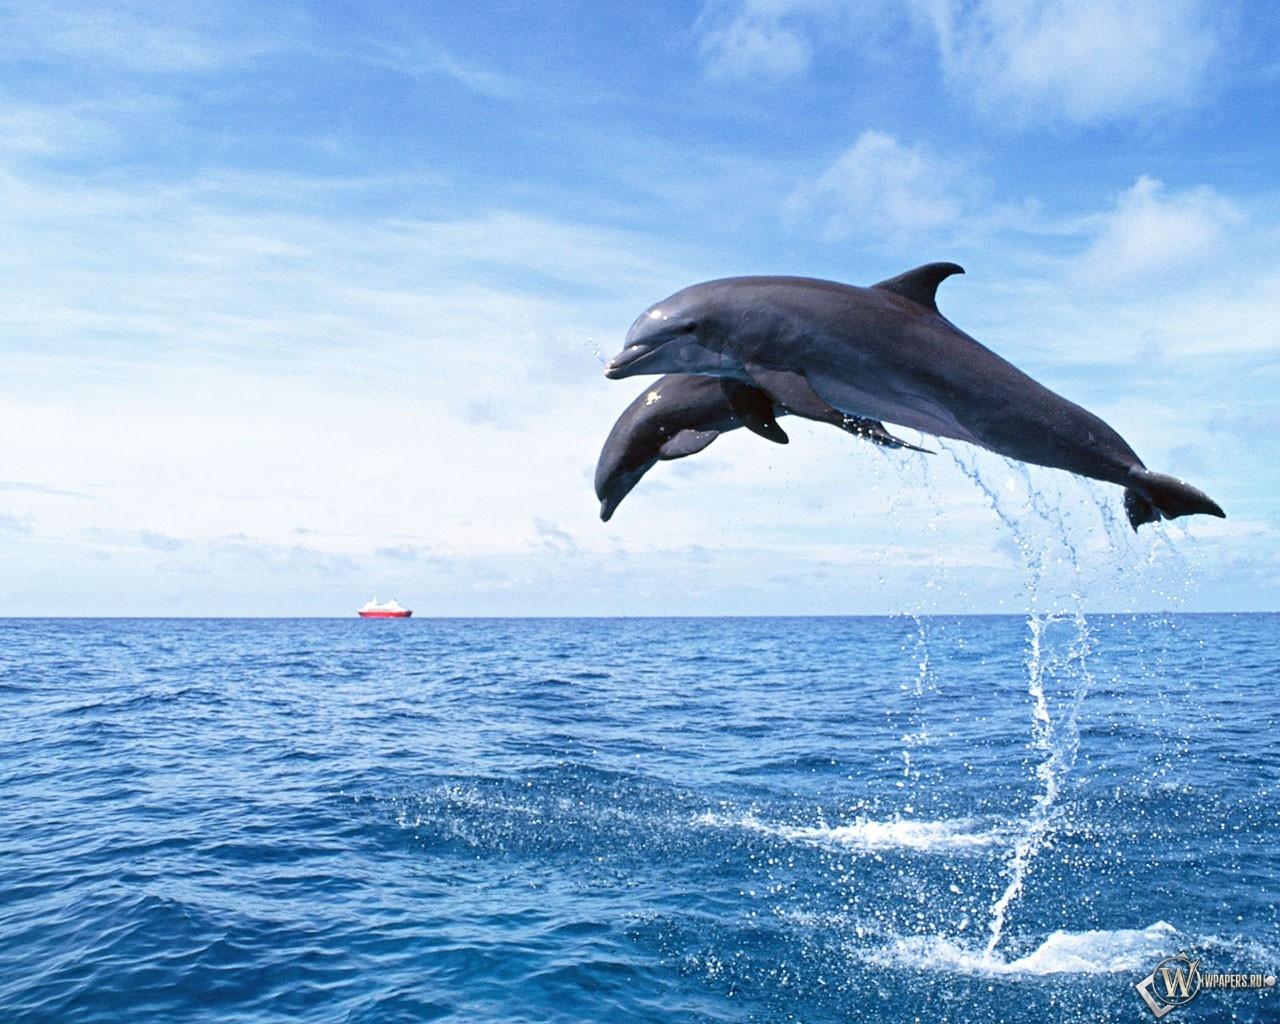 Дельфины в прыжке 1280x1024